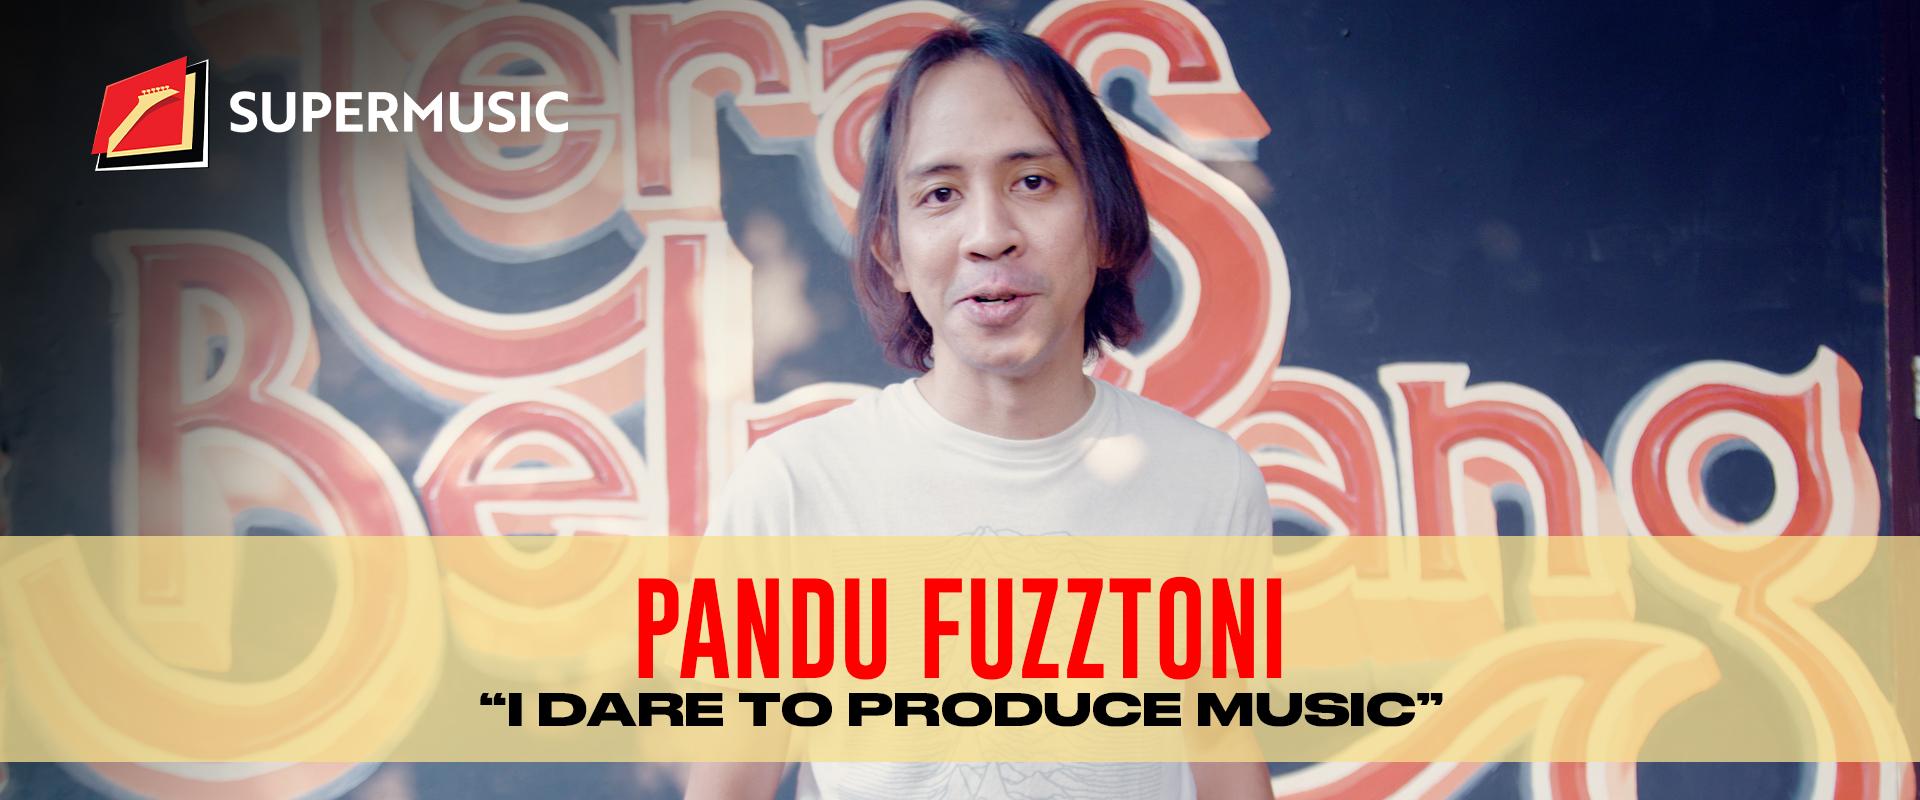 Pandu Fuzztoni